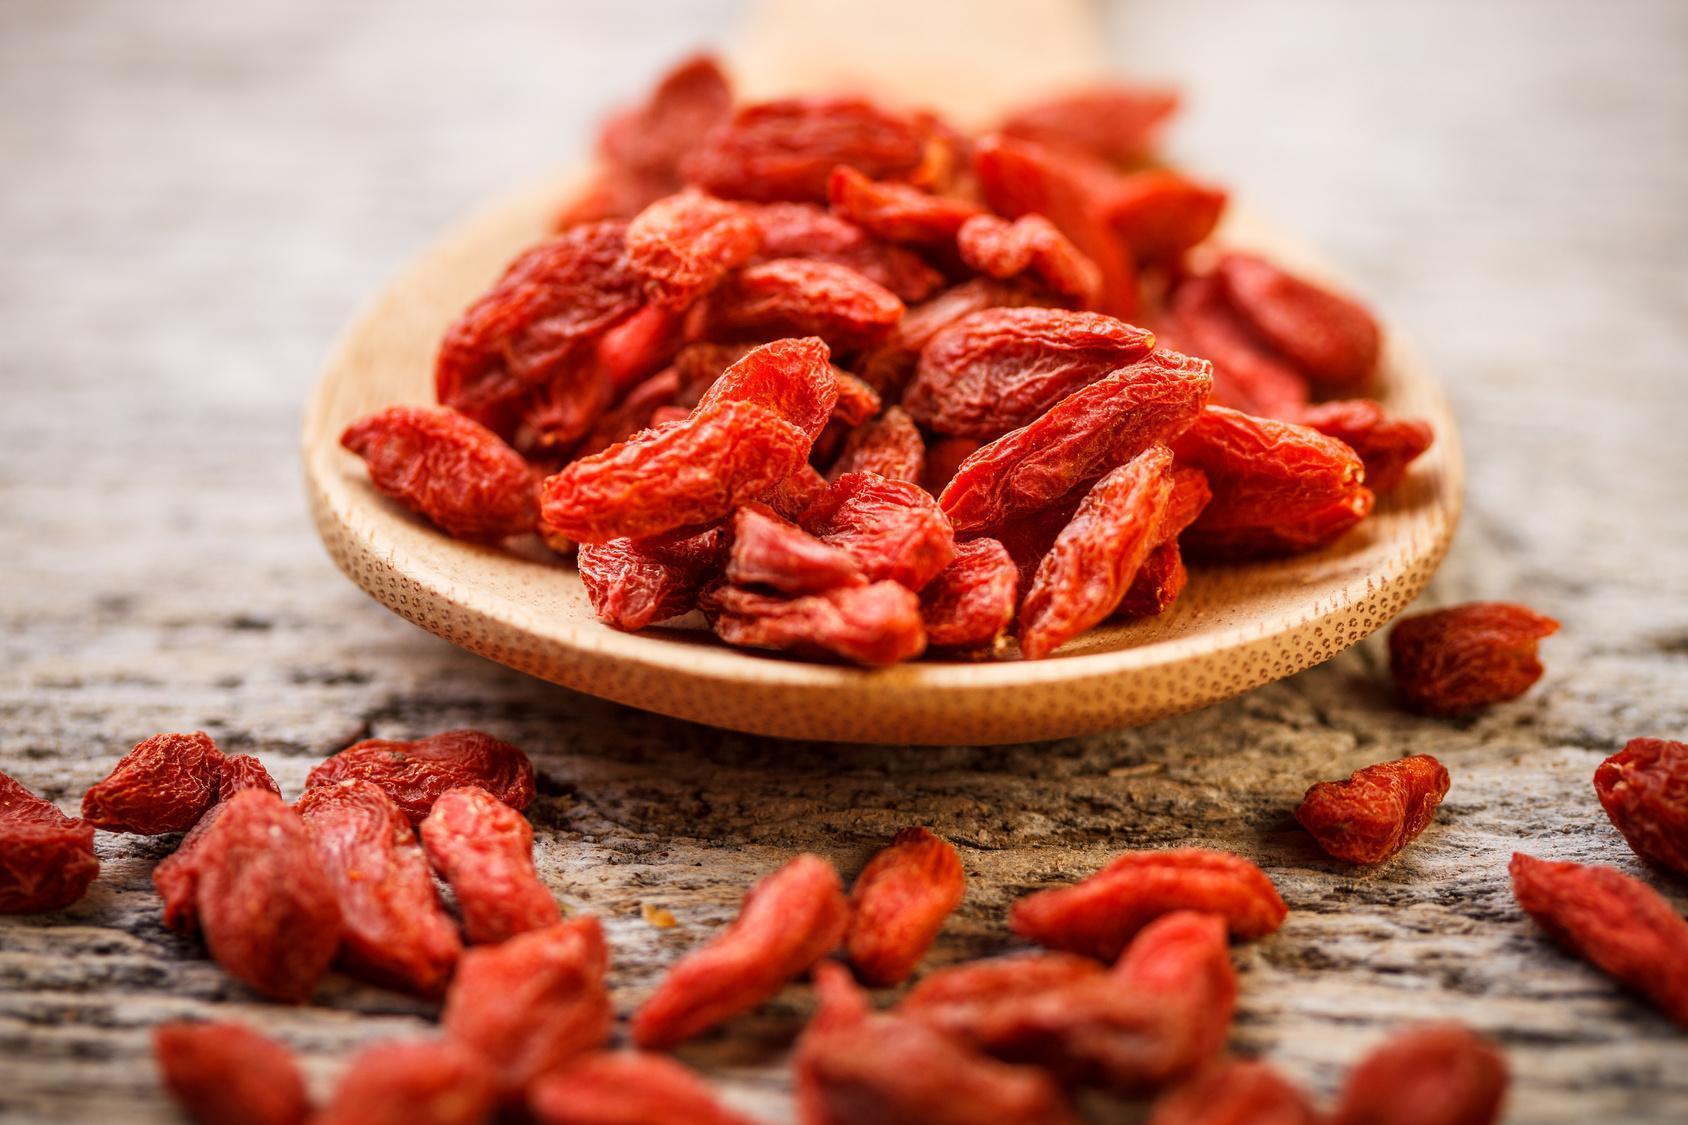 Contraindicações do Goji Berries